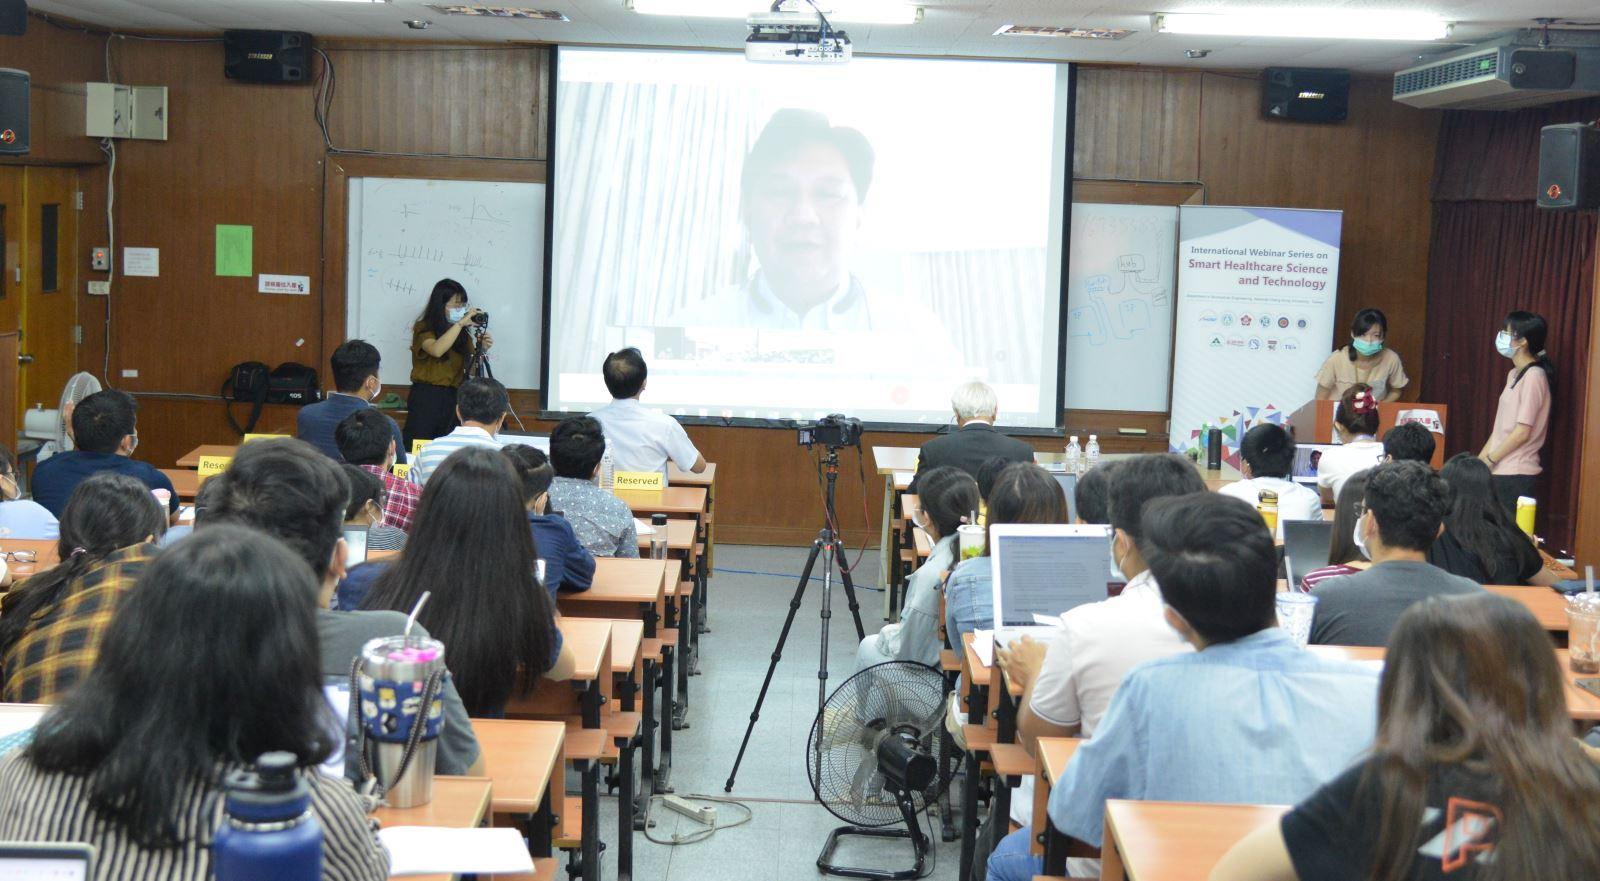 泰國Mahidol 大學工學院副院長Yodchanan Wongsawat與成大及新南向國家連線